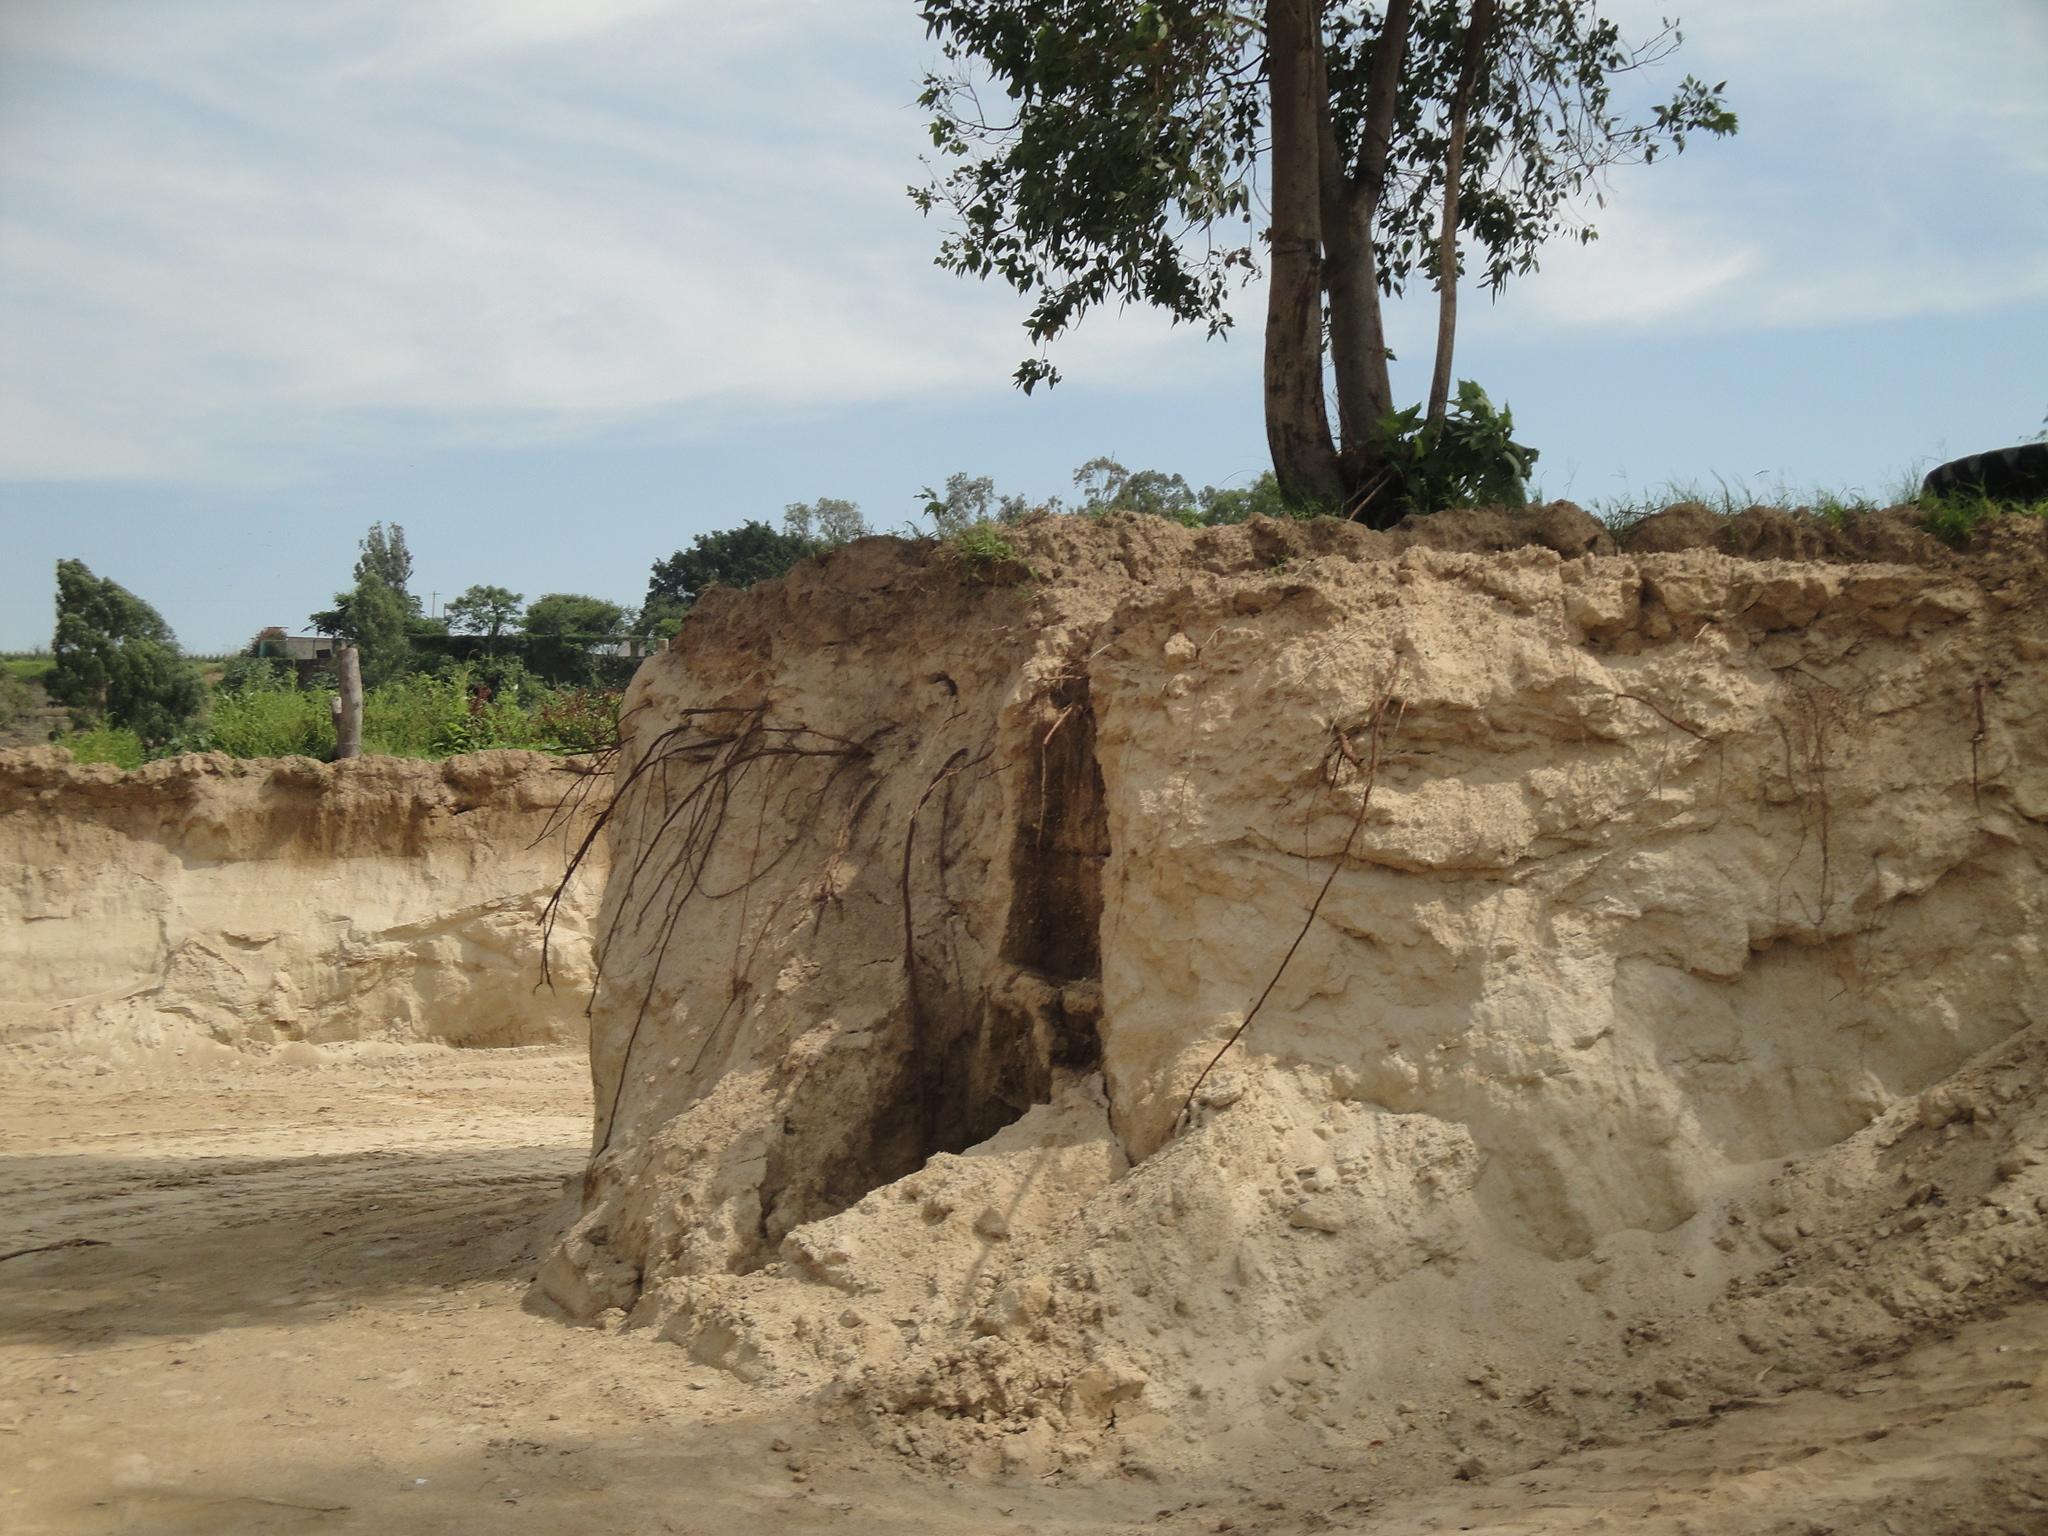 Detenidas dos personas por extraer material de banco geológico clausurado